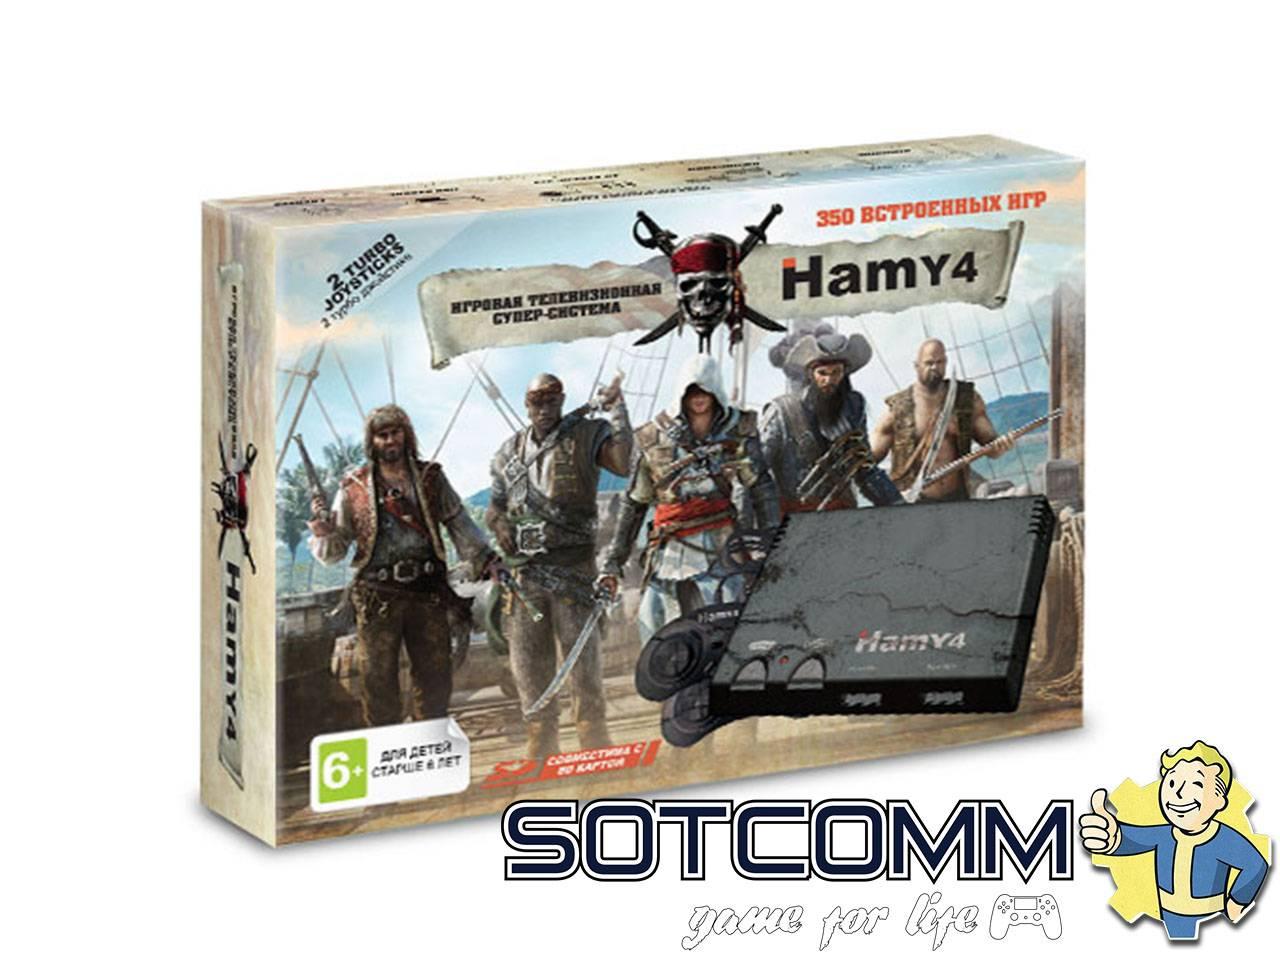 Игровая приставка  Hamy 4 (Sega+Dendy) (350 игр) Assassin Creed Black